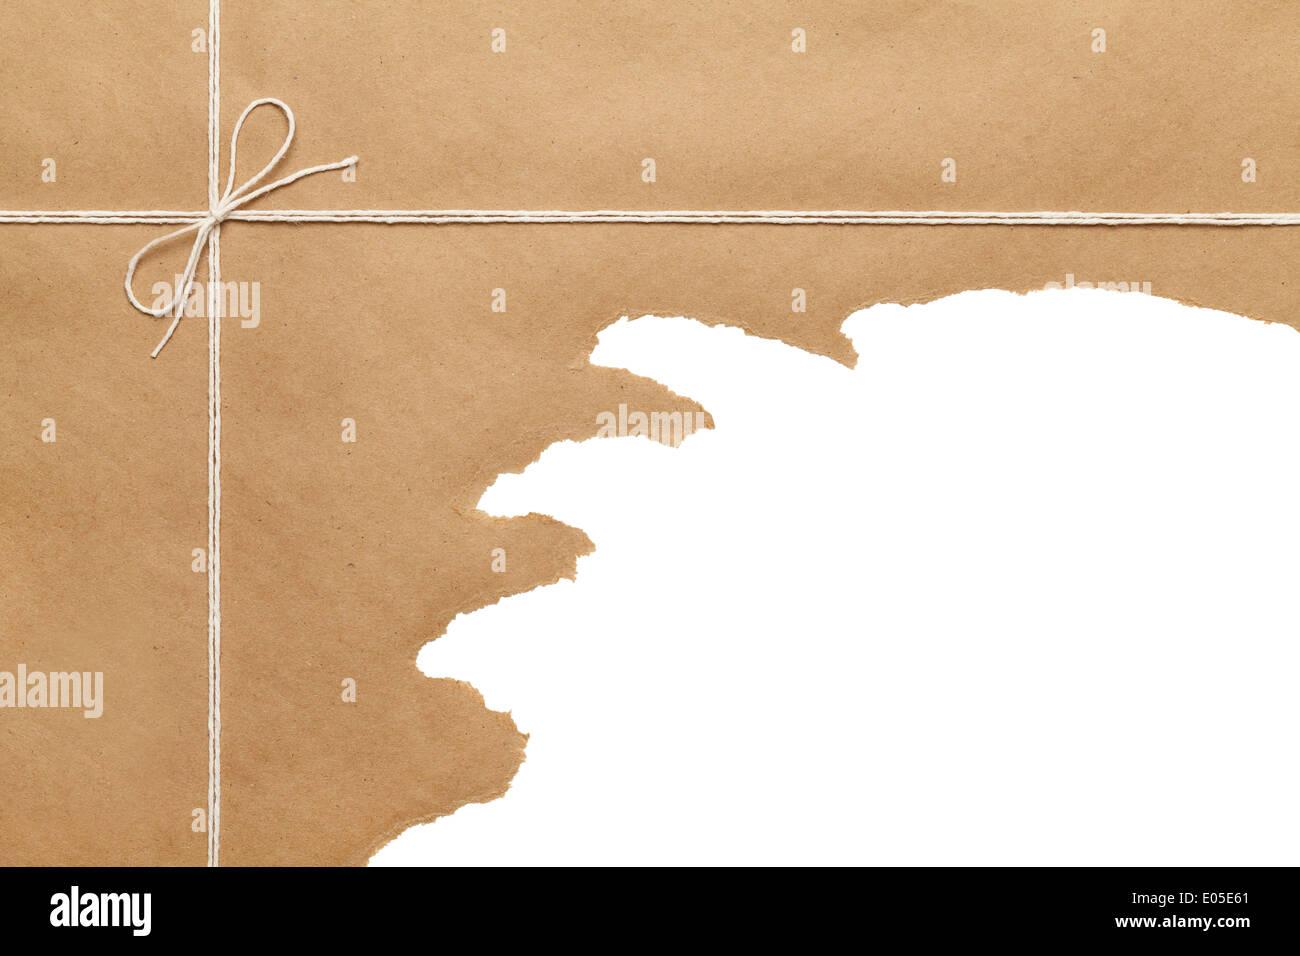 Carta marrone pacchetto legato con corda sottile stringa bow strappato aperto su sfondo bianco spazio copia. Foto Stock